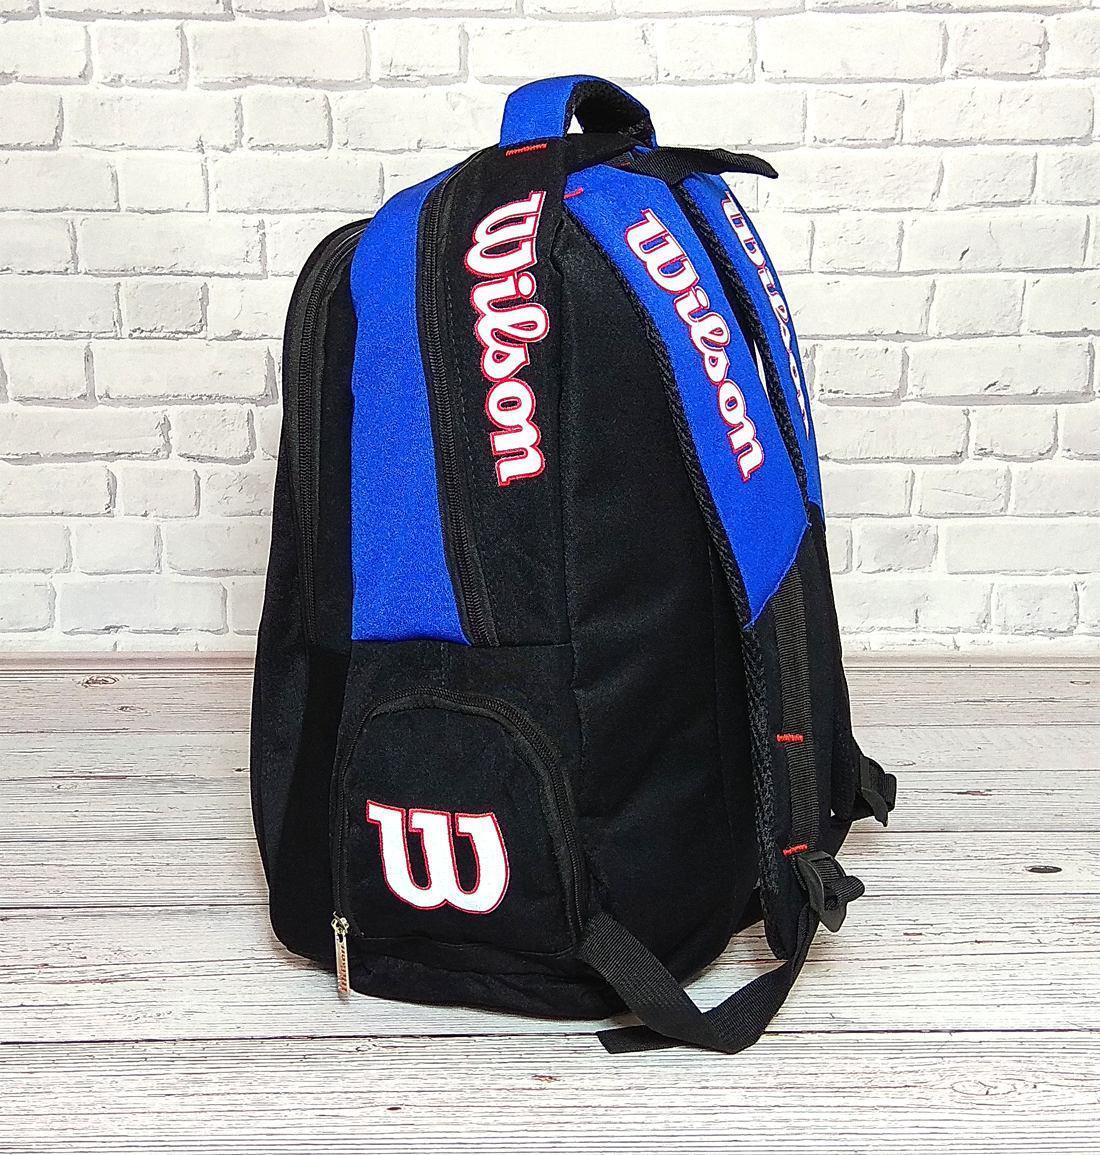 388e7f733d31 Вместительный рюкзак Wilson для школы, спорта. Черный с синим., цена 345,95  грн., купить Ивано-Франківськ — Prom.ua (ID#781352042)